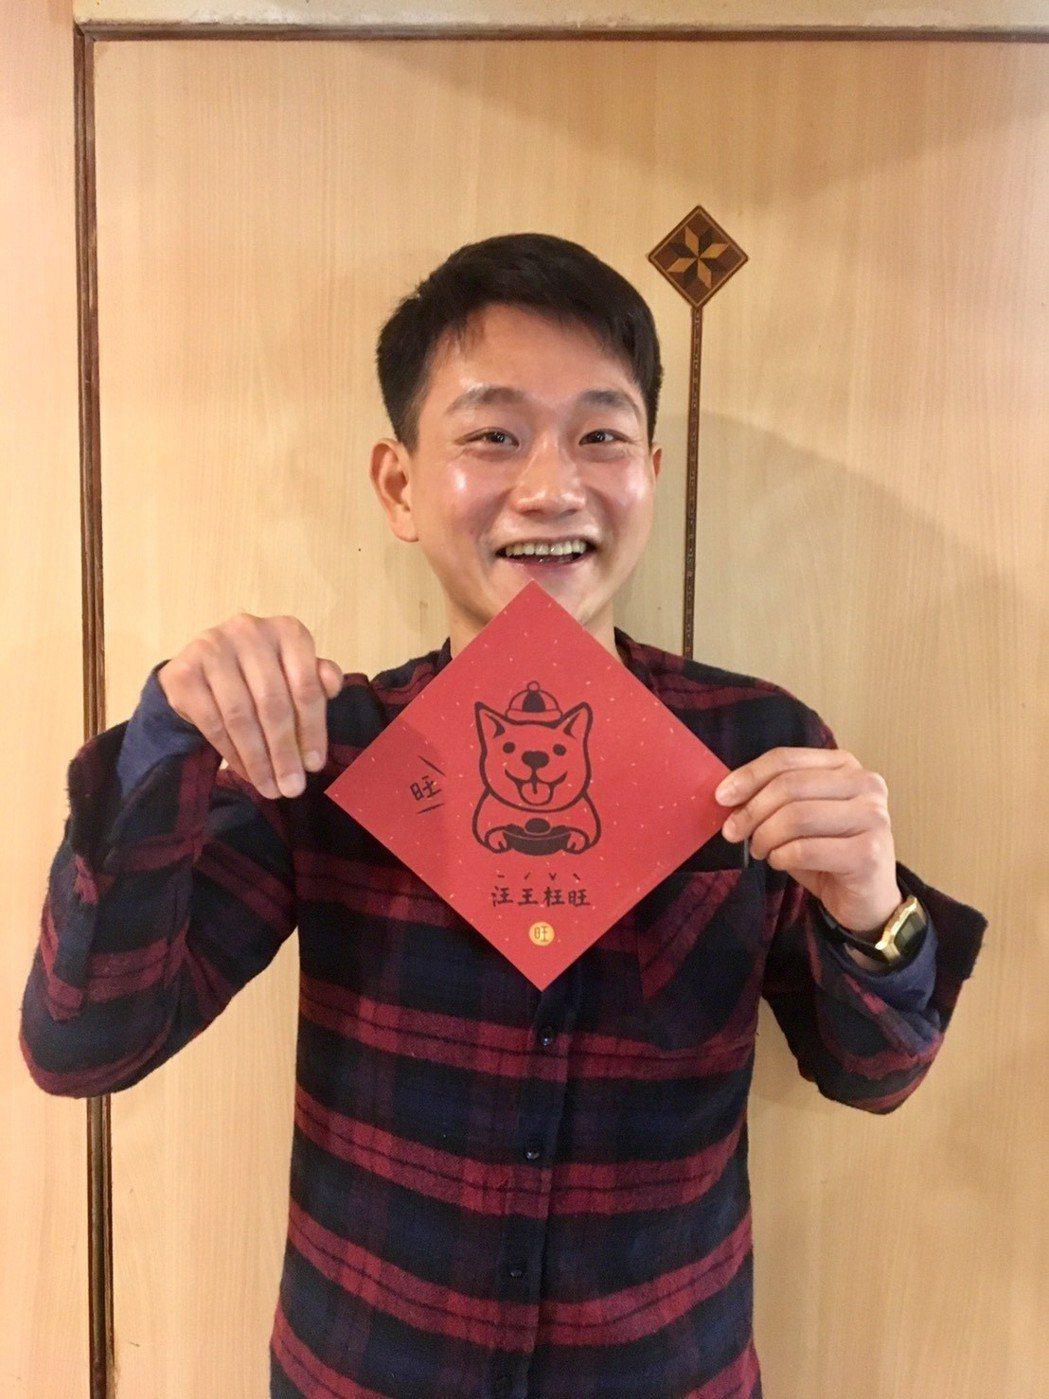 身兼表演老師、演員陳家逵出席「台北歌手」殺青宴,祝大家財運旺。圖/客家台提供